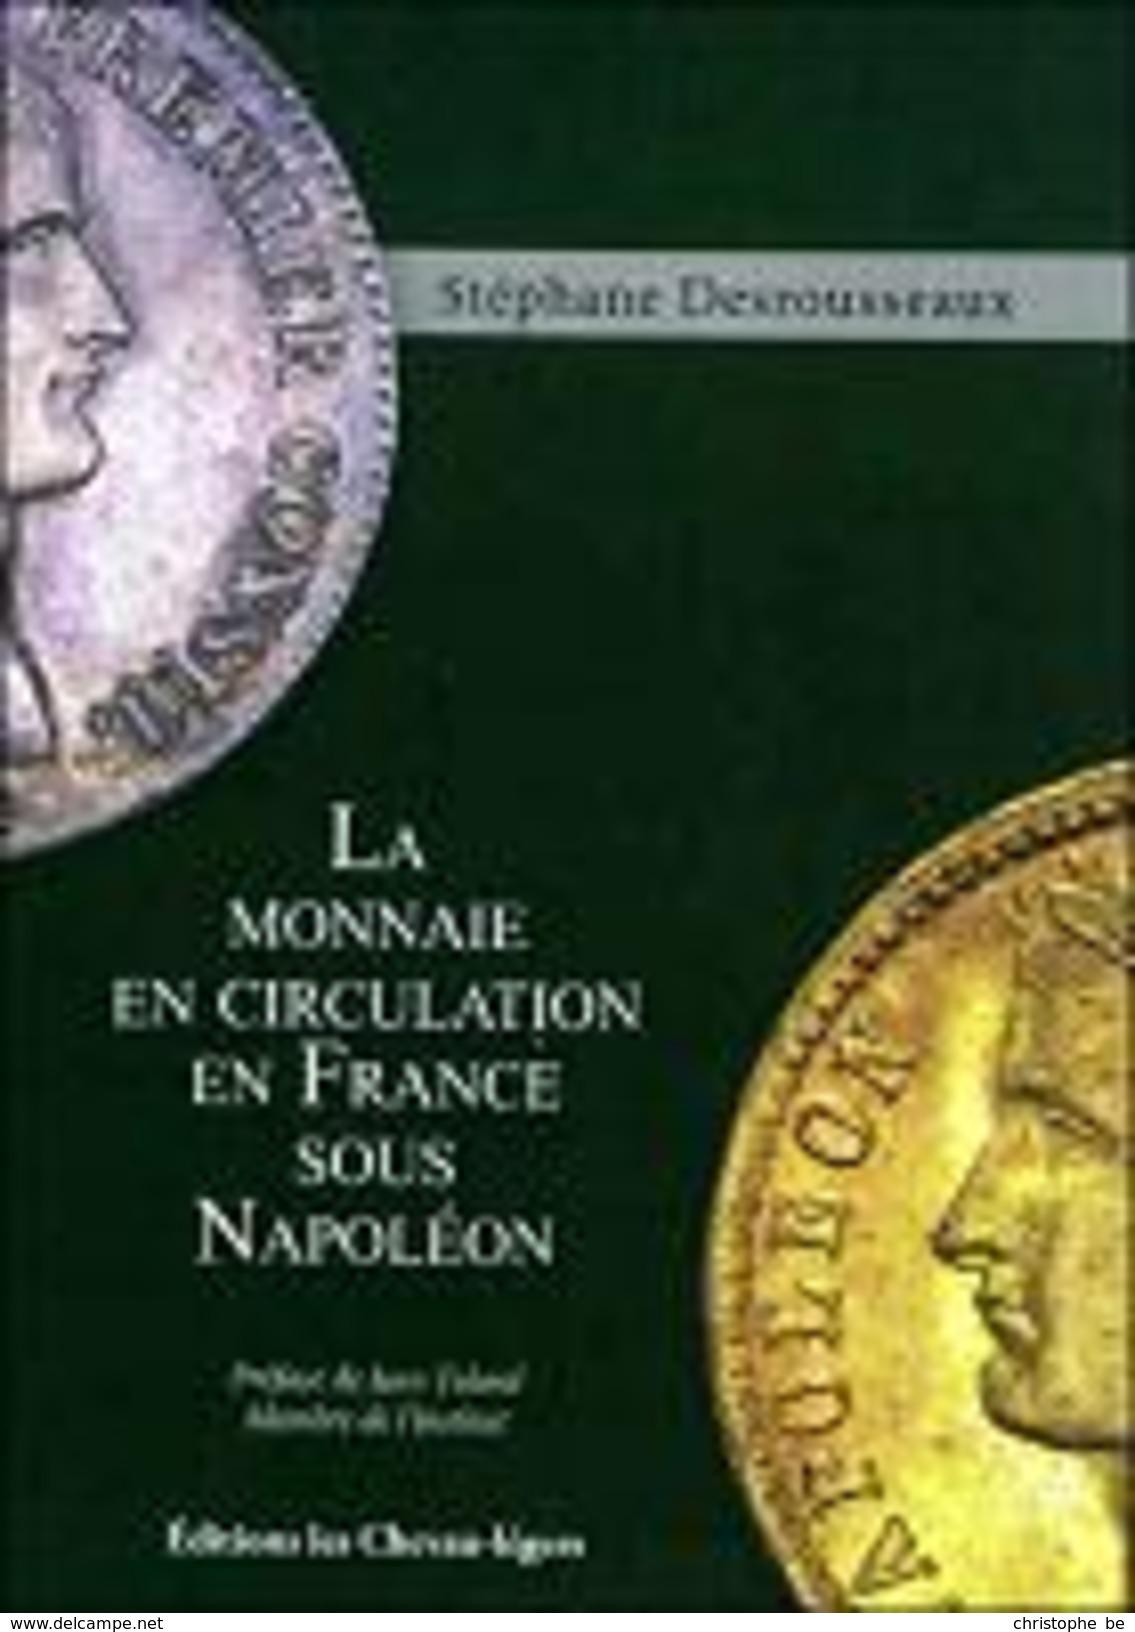 La Monnaie En Circulation Sous Napoléon - Praktisch